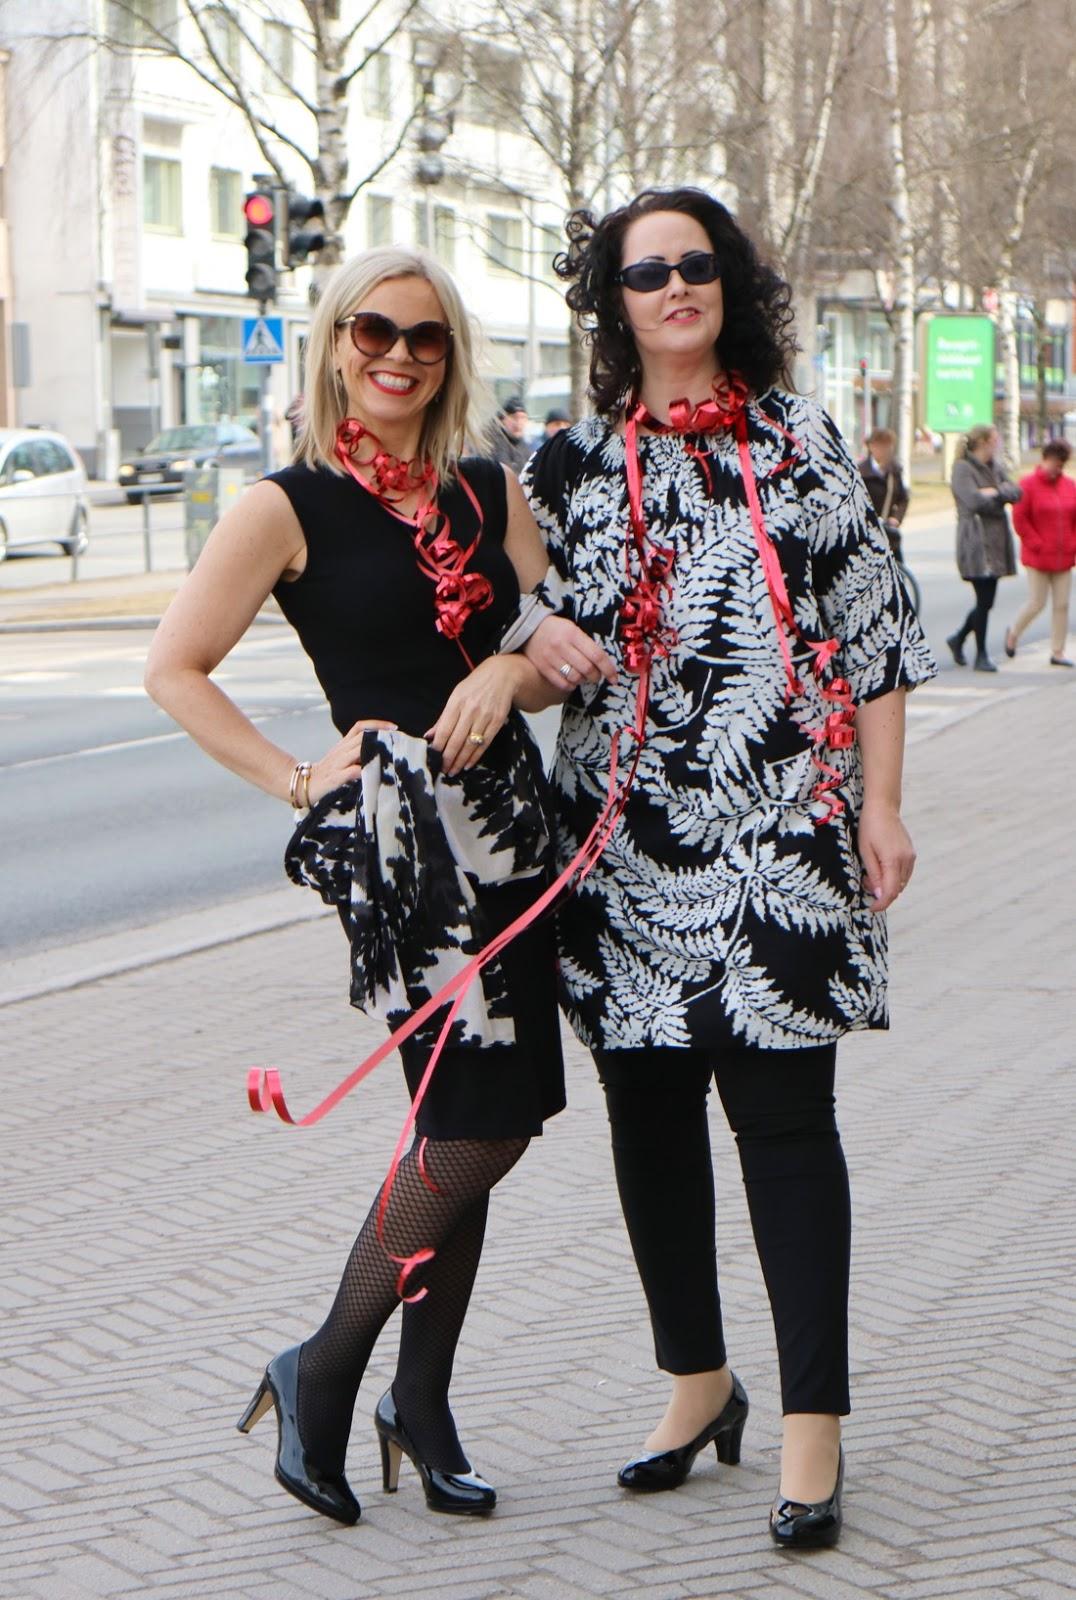 DOPPladies vapputunnelmissa ja mekkoarvonnan voittaja!